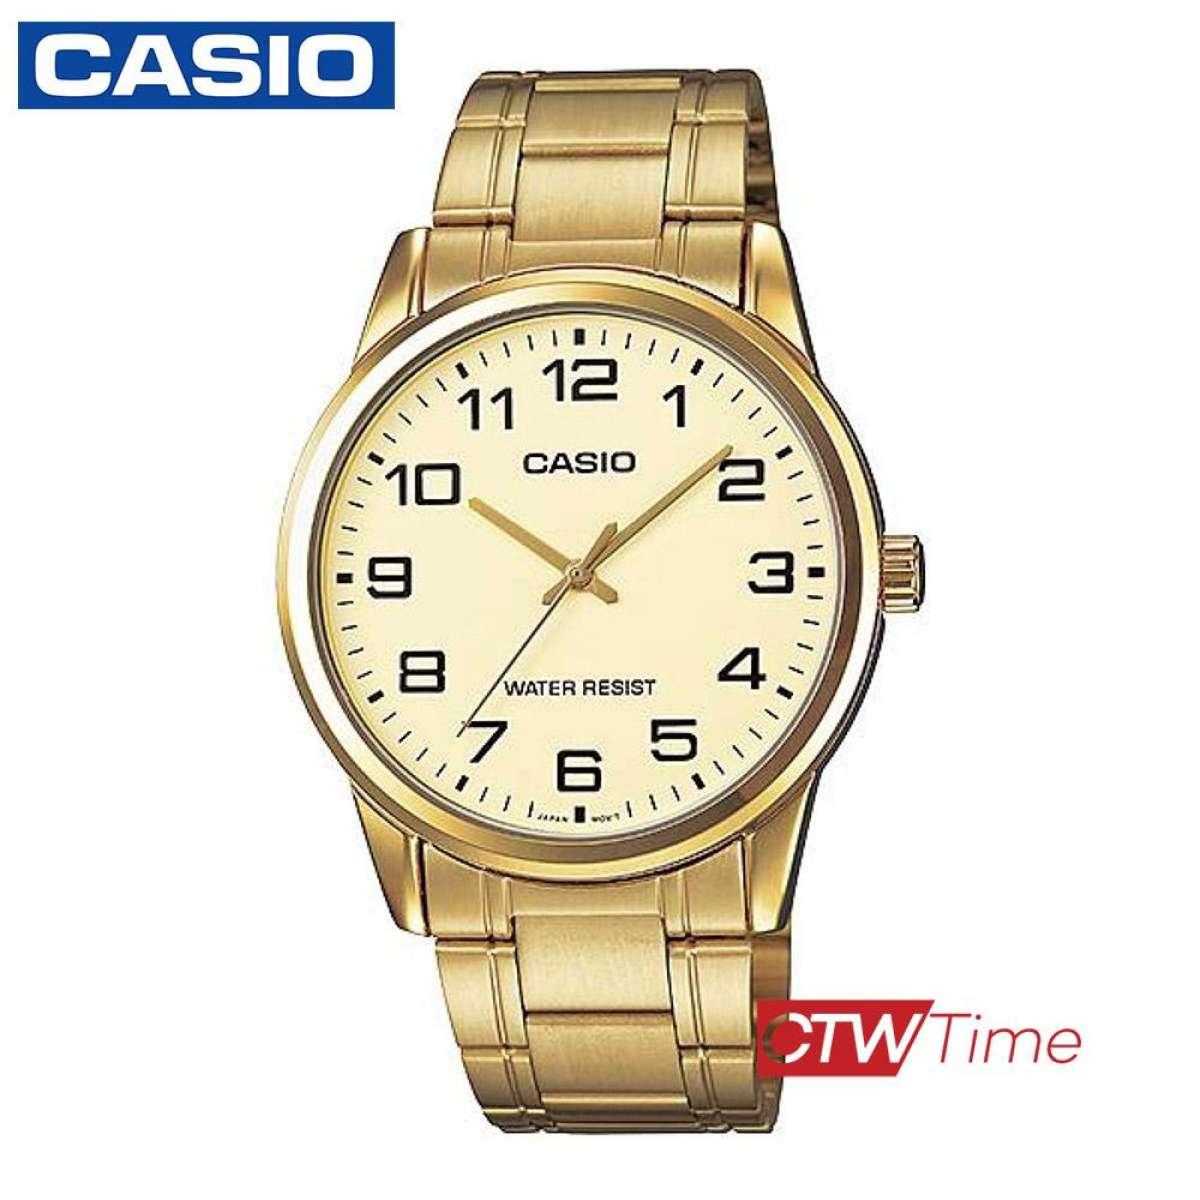 ส่งฟรี !! PRESALE Casio Standard นาฬิกาข้อมือผู้ชาย สายสแตนเลส รุ่น MTP-V001G-9BUDF (หน้าทอง) ZQN2